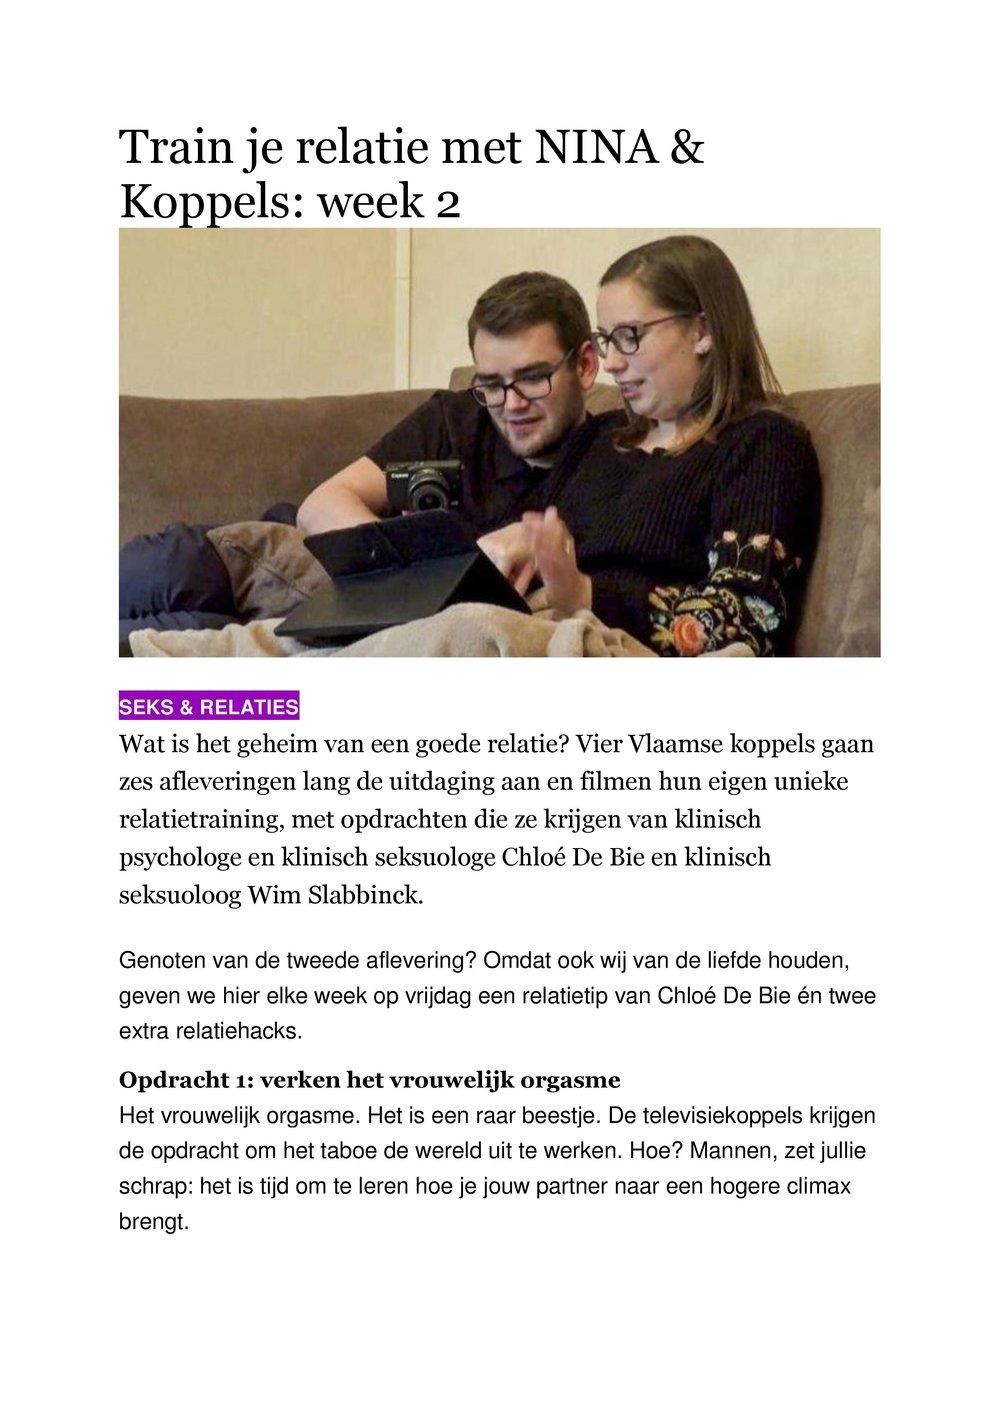 TRAIN JE RELATIE - Met NINA & Koppels